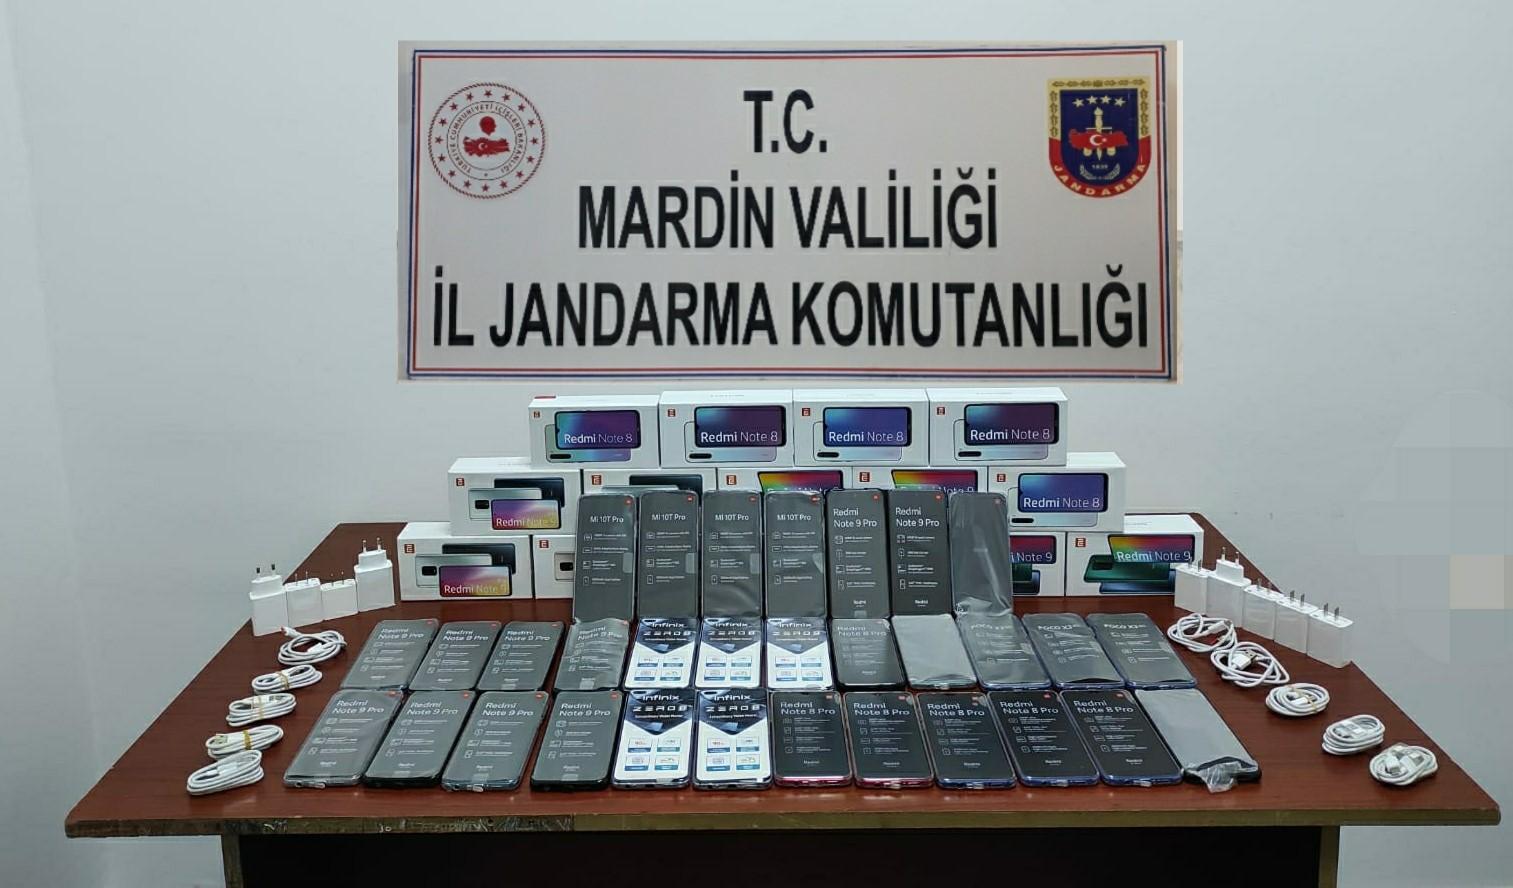 Mardin'de yolcu otobüsünde 46 kaçak cep telefonu ele geçirildi